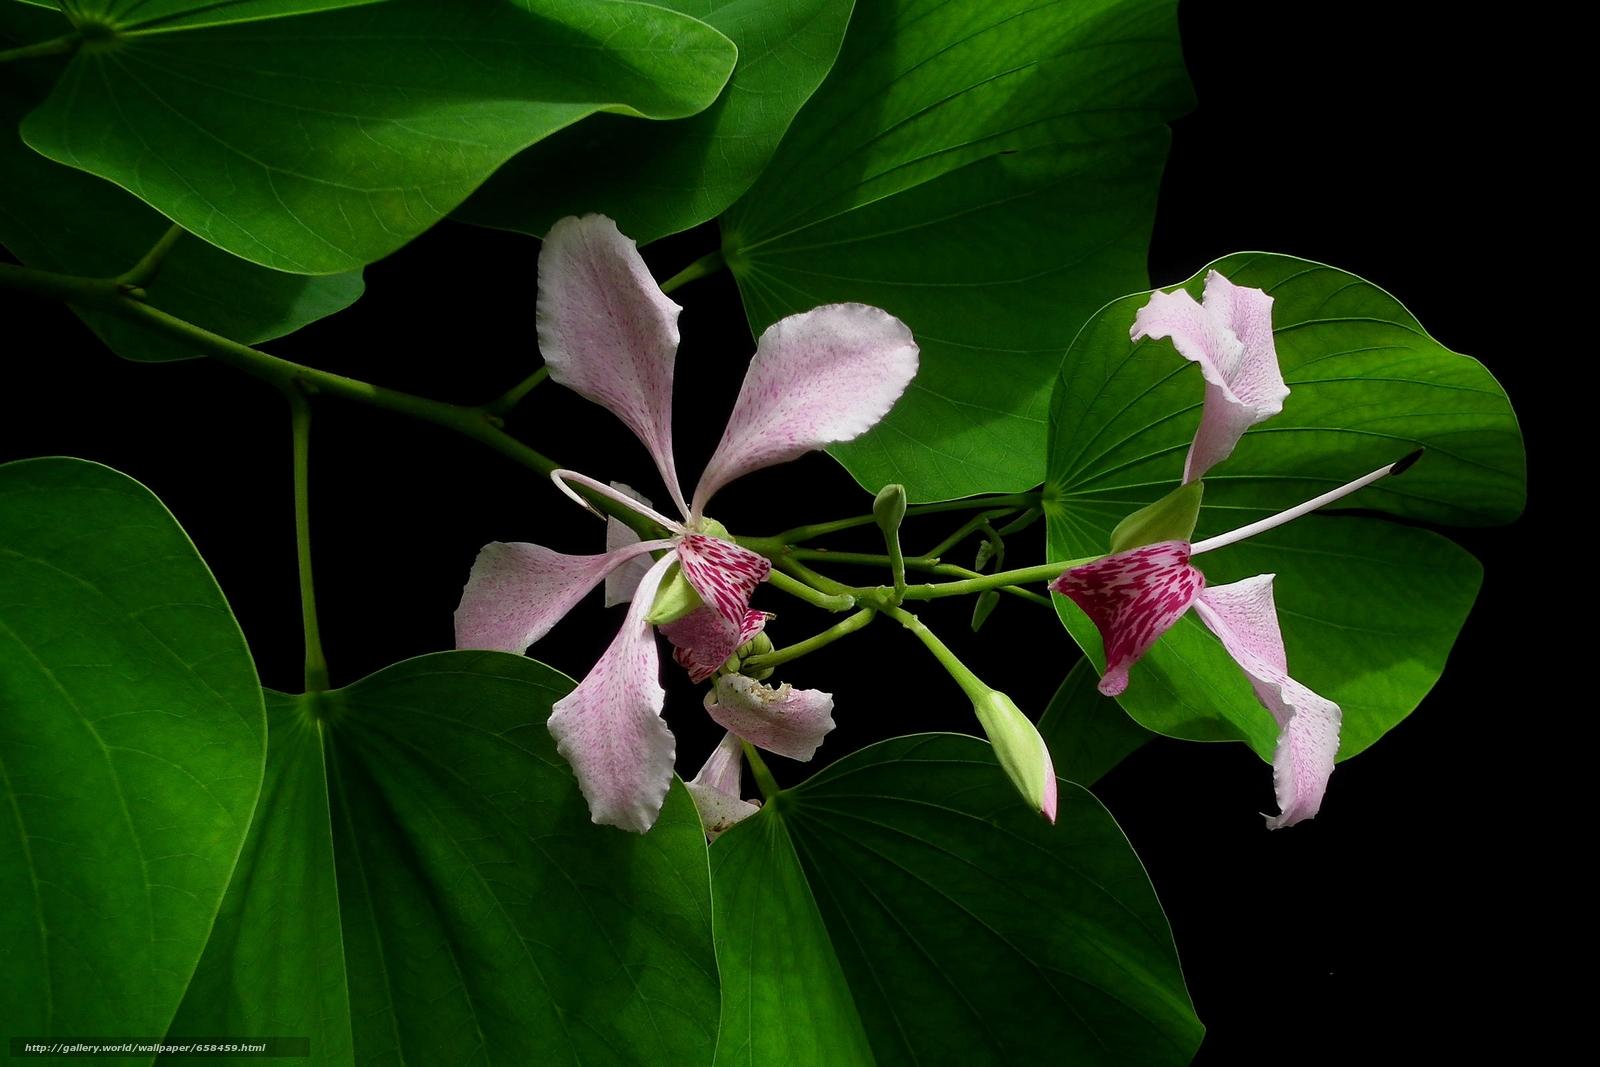 Скачать обои цветок,  цветы,  флора бесплатно для рабочего стола в разрешении 2400x1600 — картинка №658459